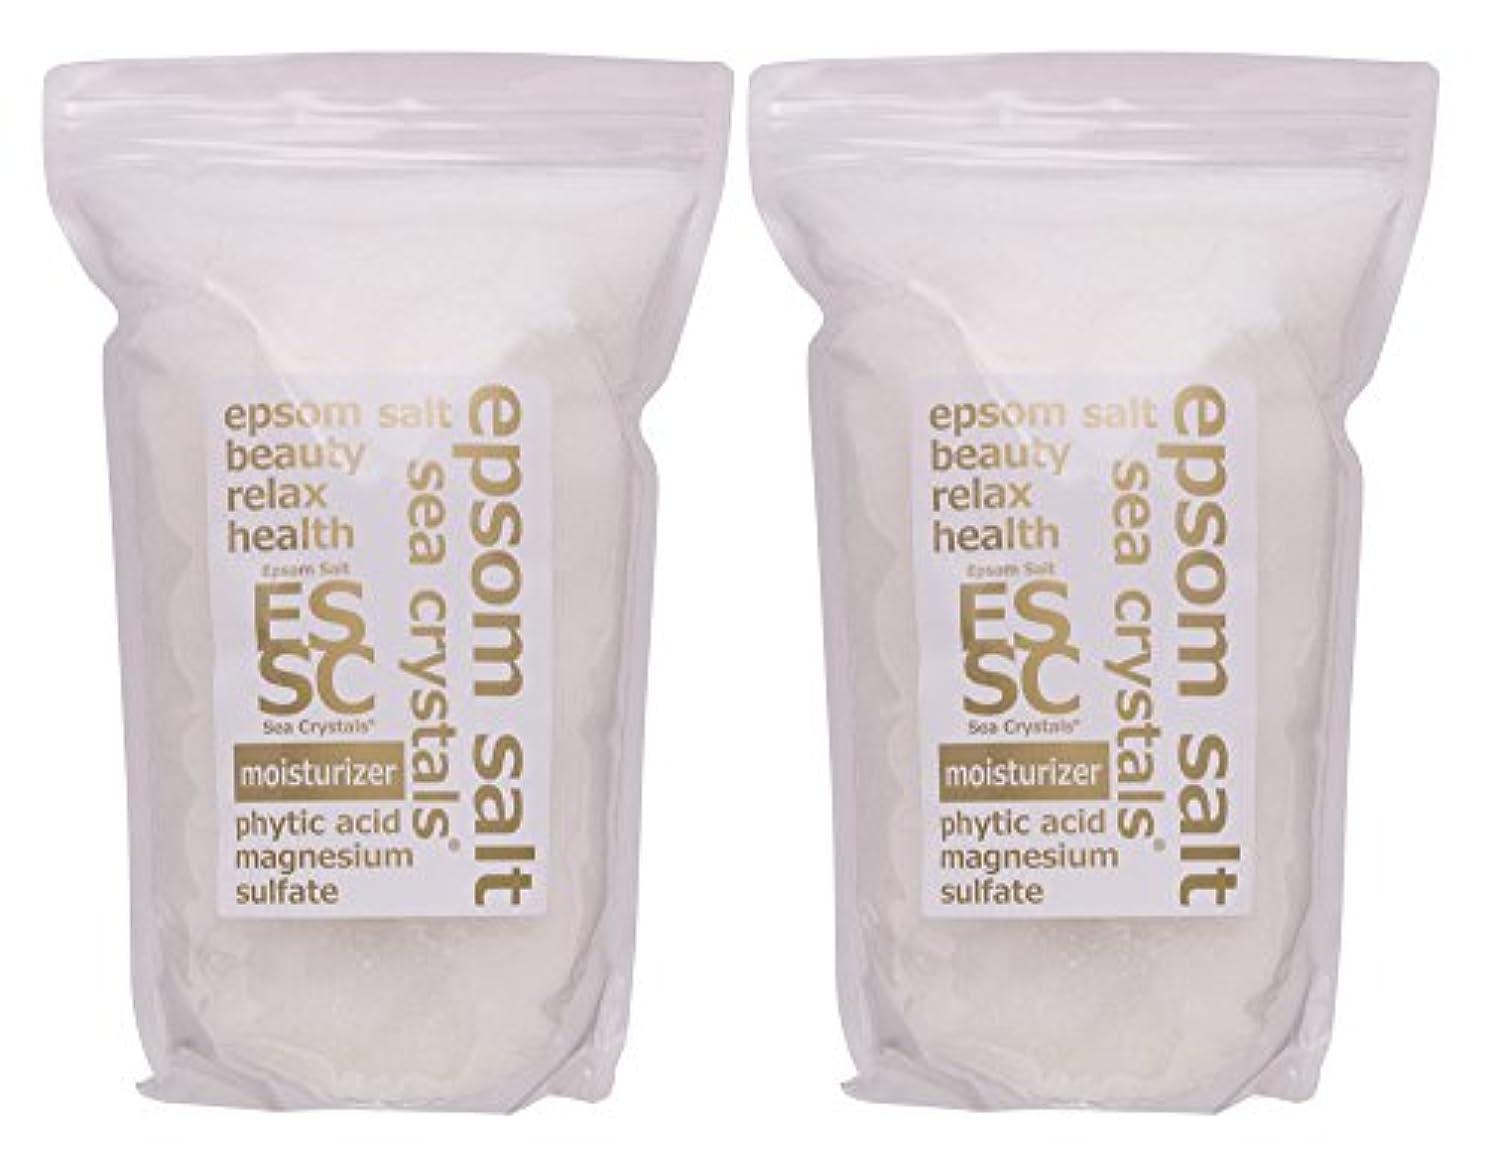 ホット光景主要なエプソムソルト 8kg (4kgX2) モイスチャライザー 入浴剤(浴用化粧品) フィチン酸配合 シークリスタルス 計量スプーン付